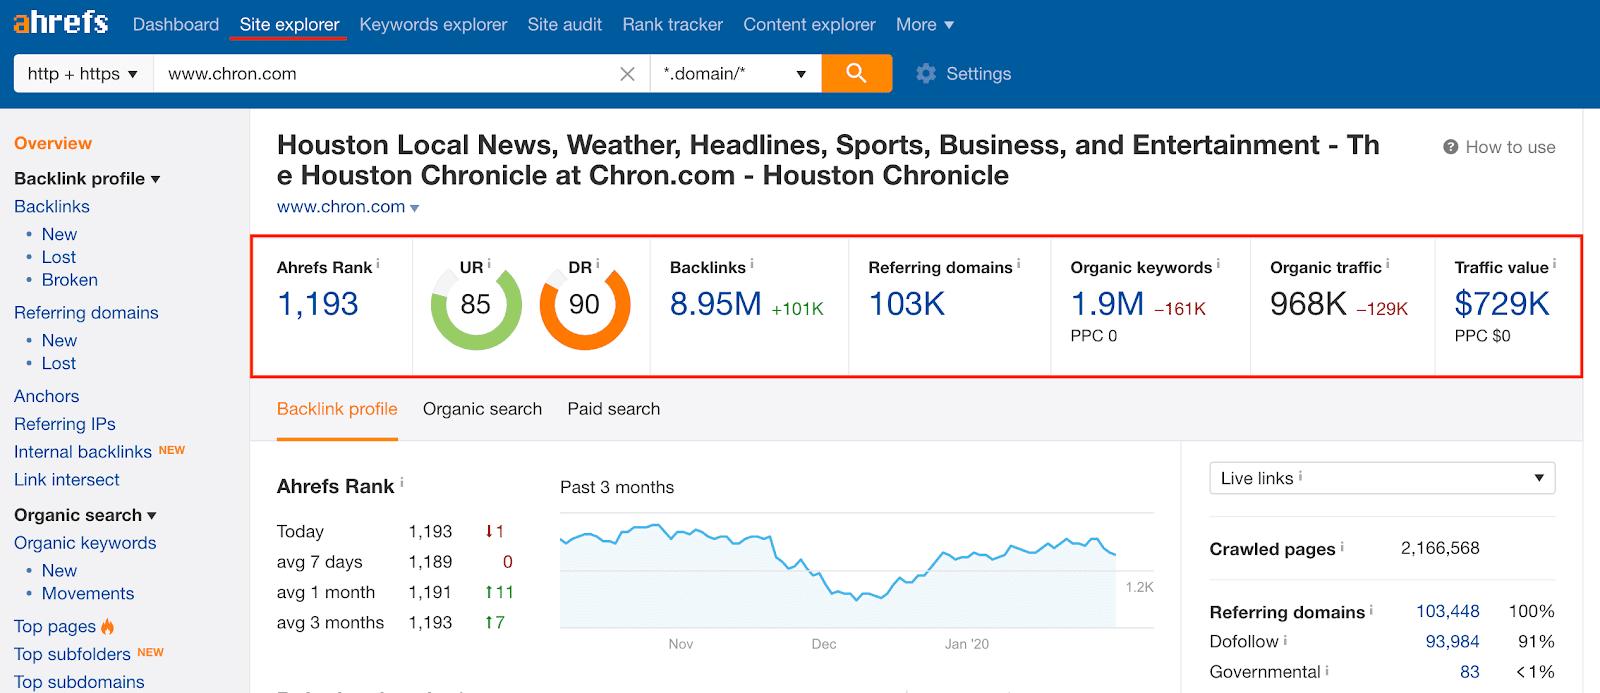 Screenshot of Ahrefs analytics for Chron.com